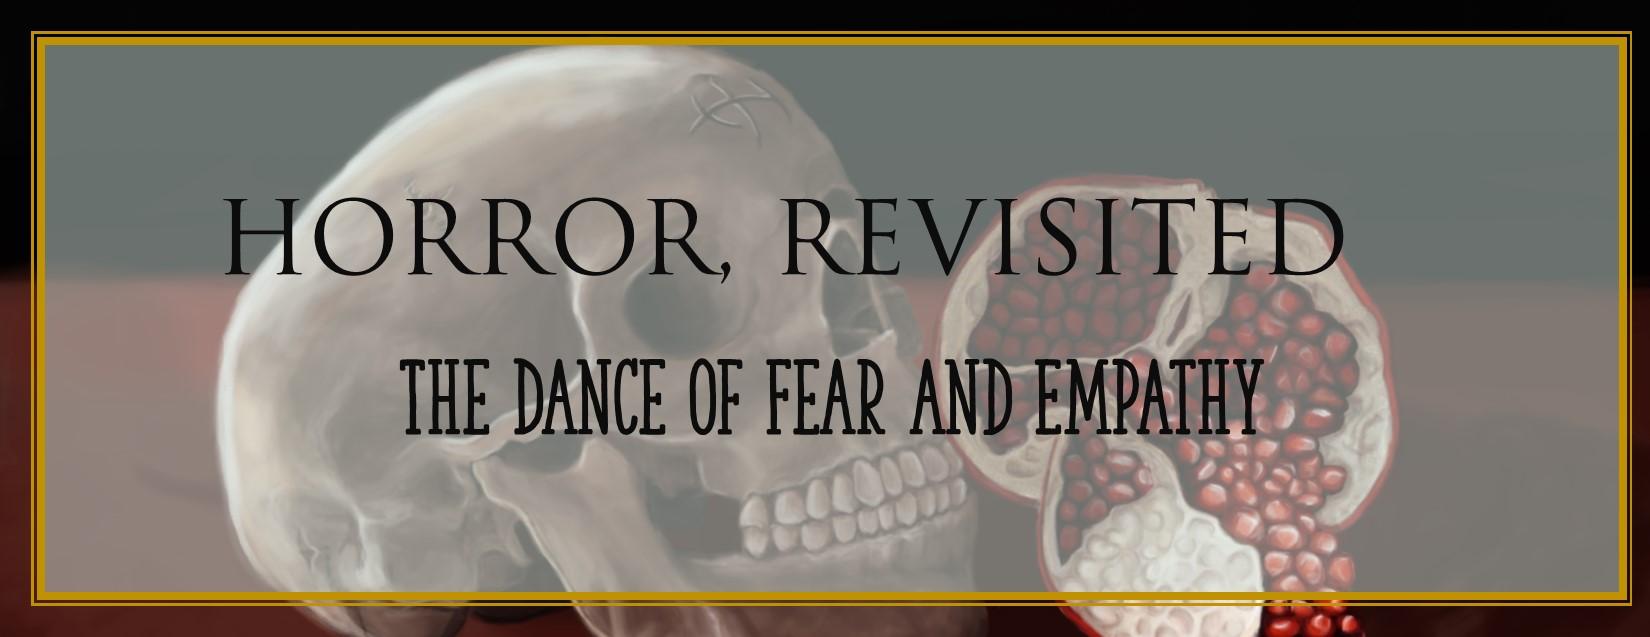 Horror header